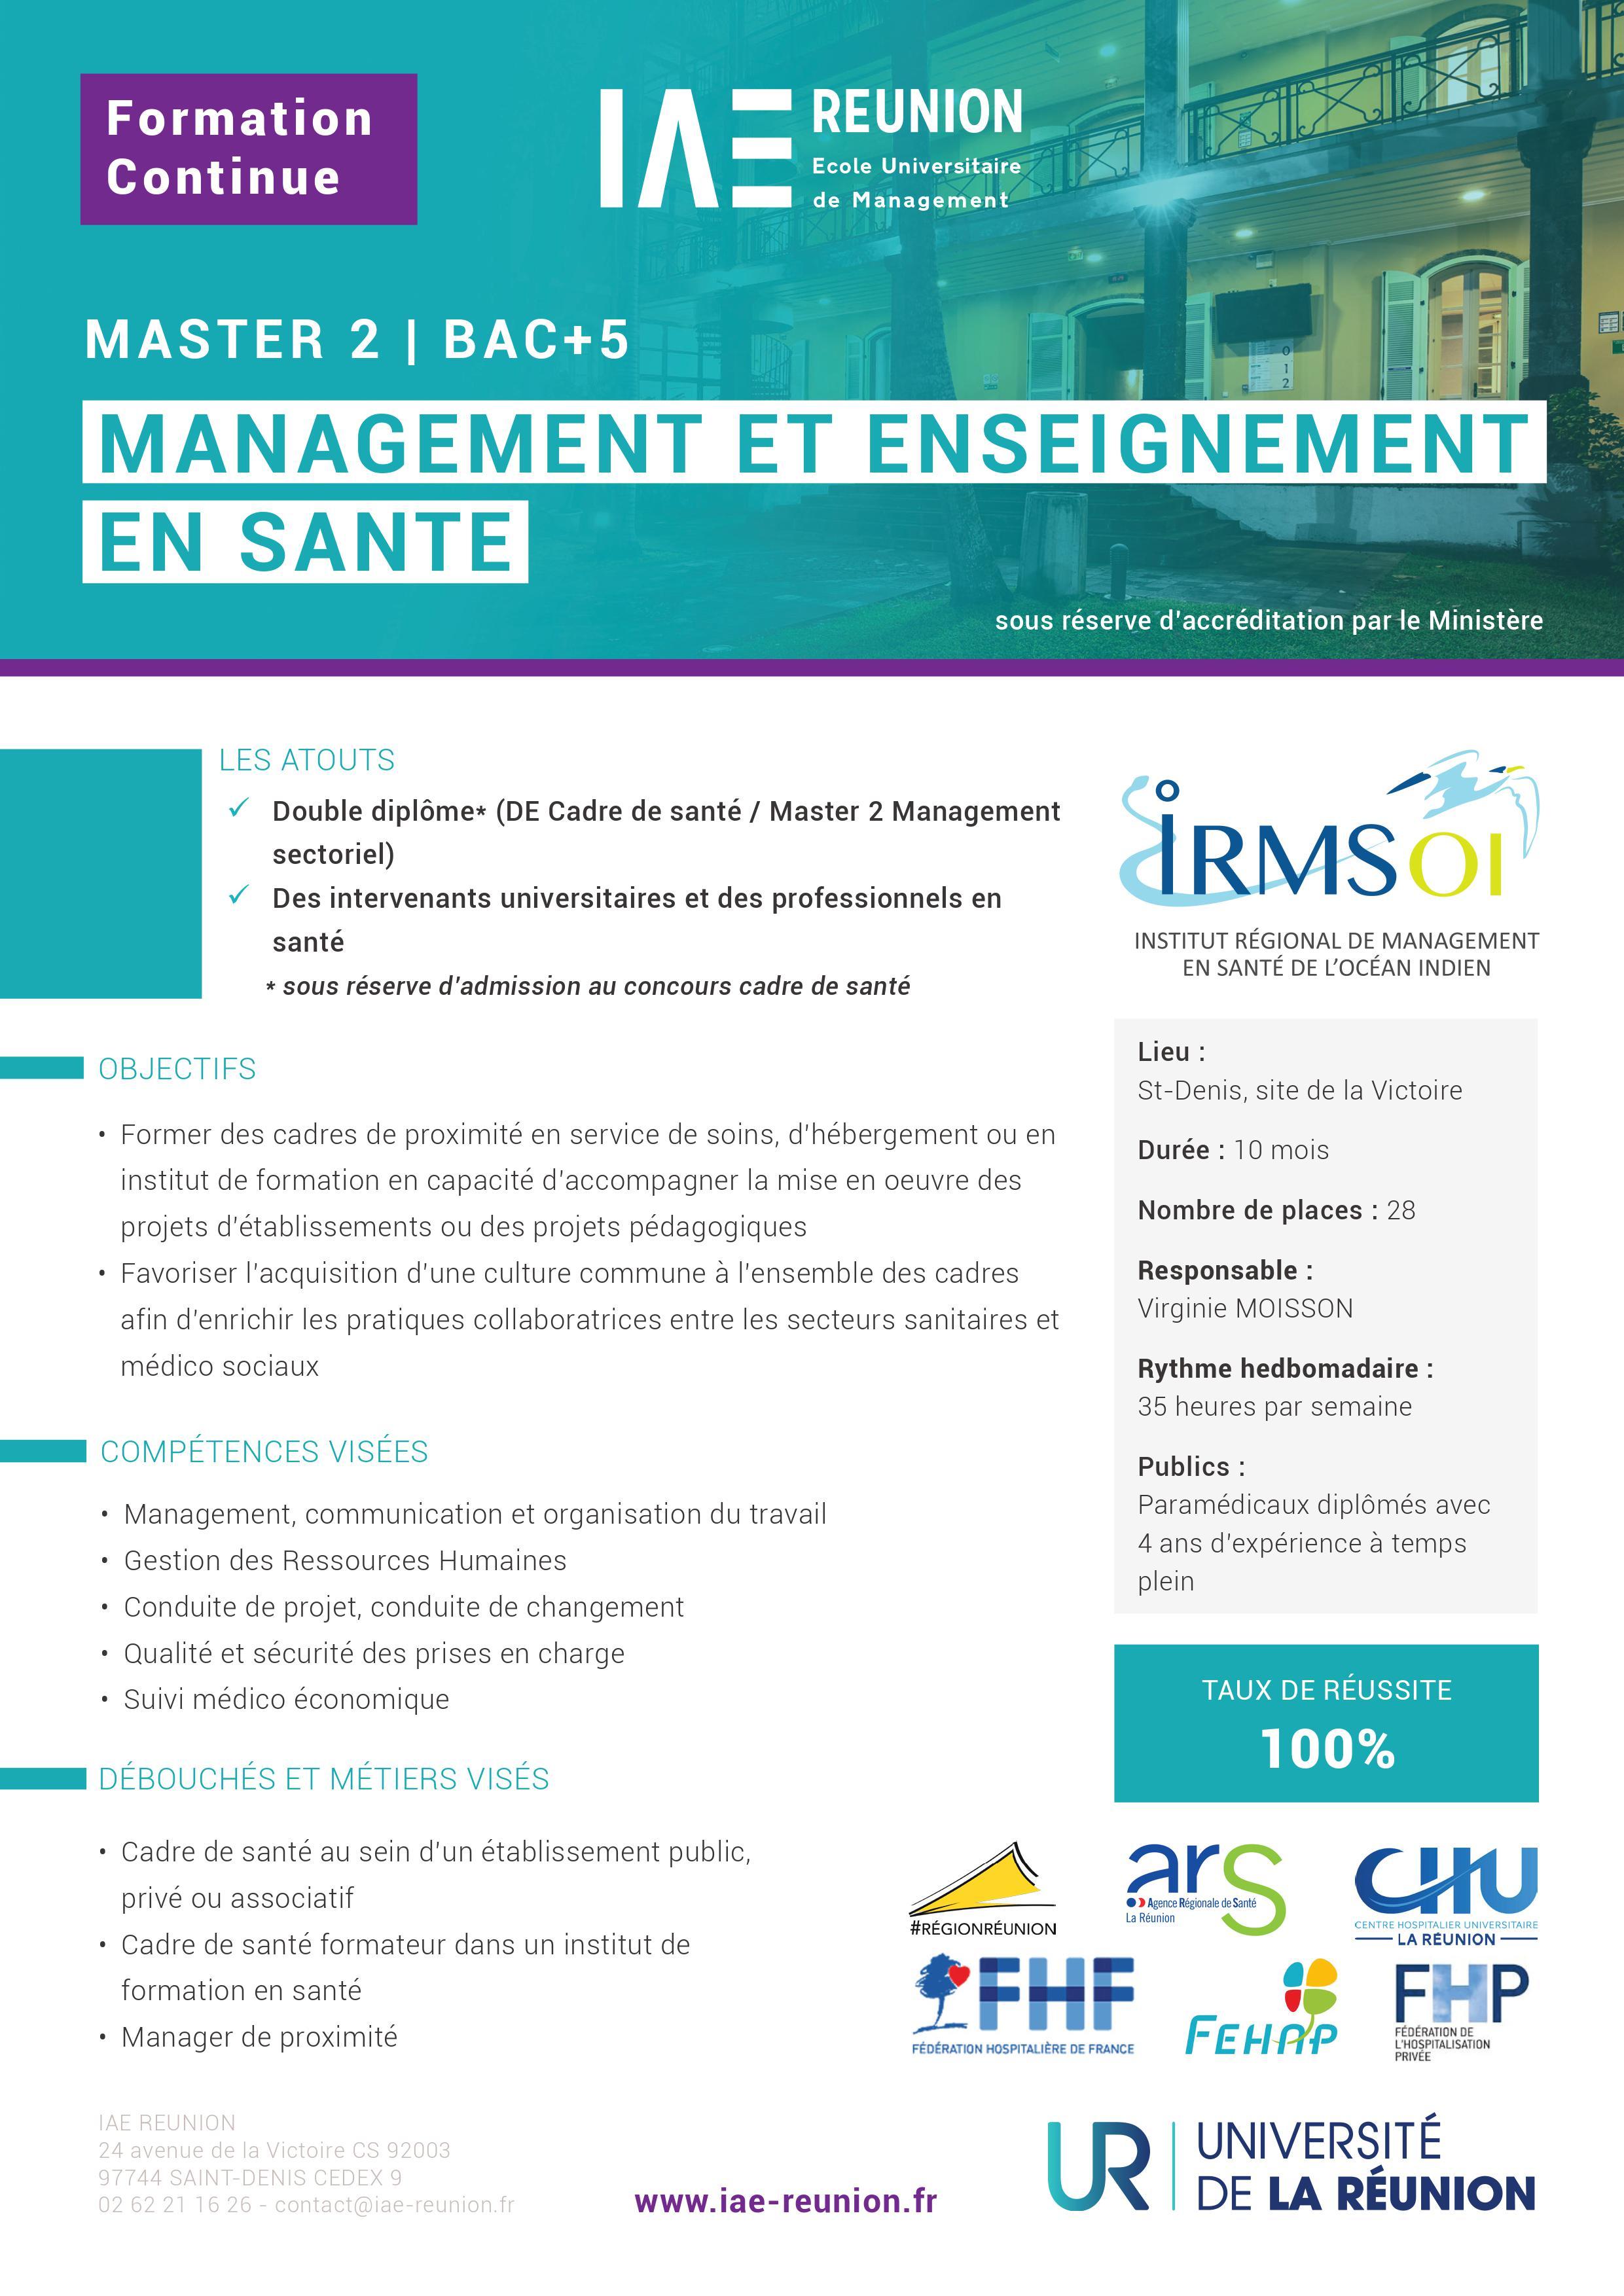 master 2 management et enseignement en sant u00e9